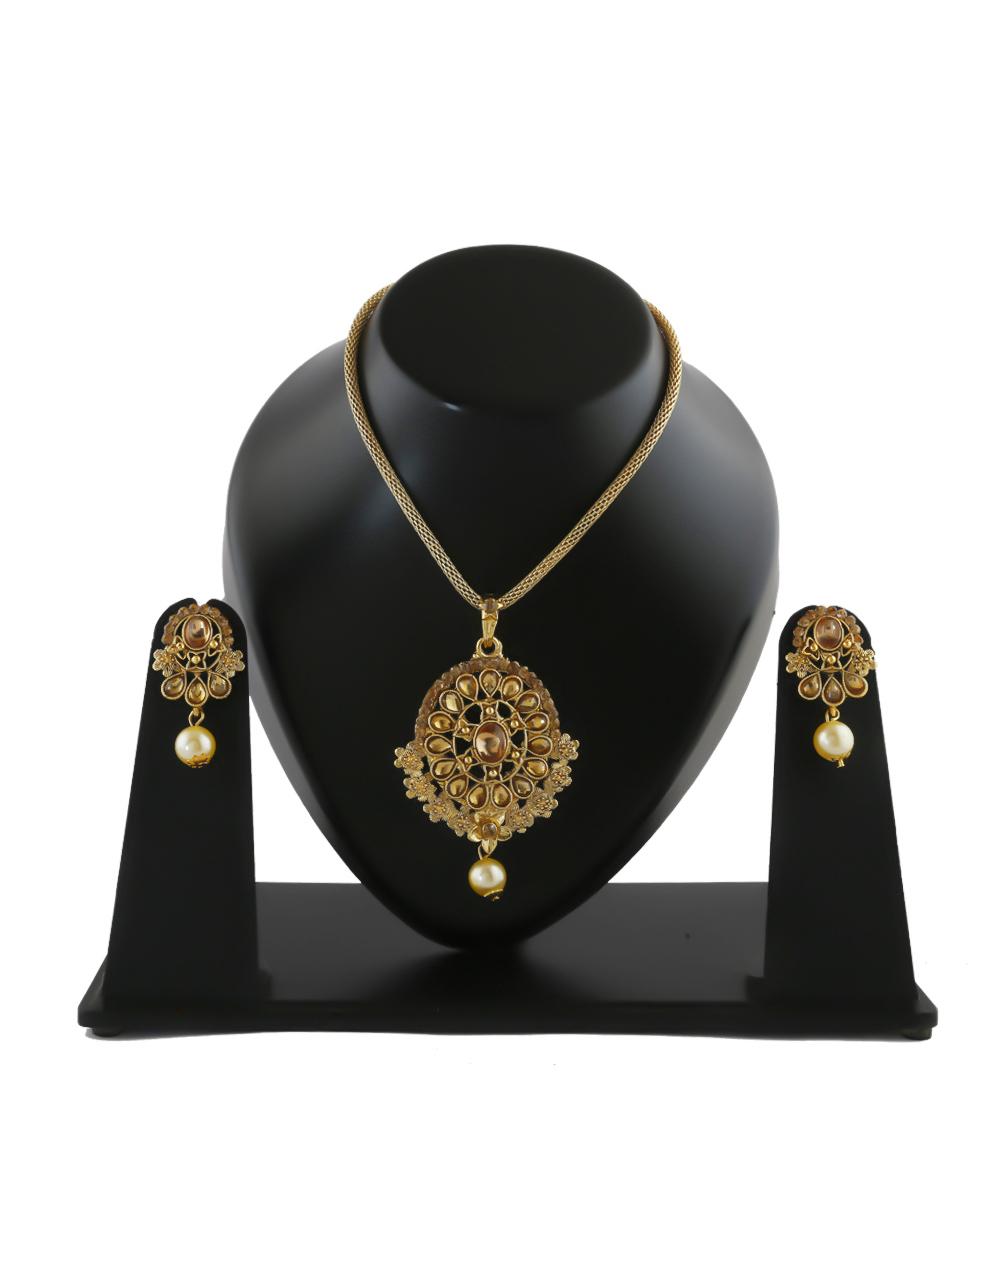 Fancy Gold Finish Stylish Traditional Pendant Set